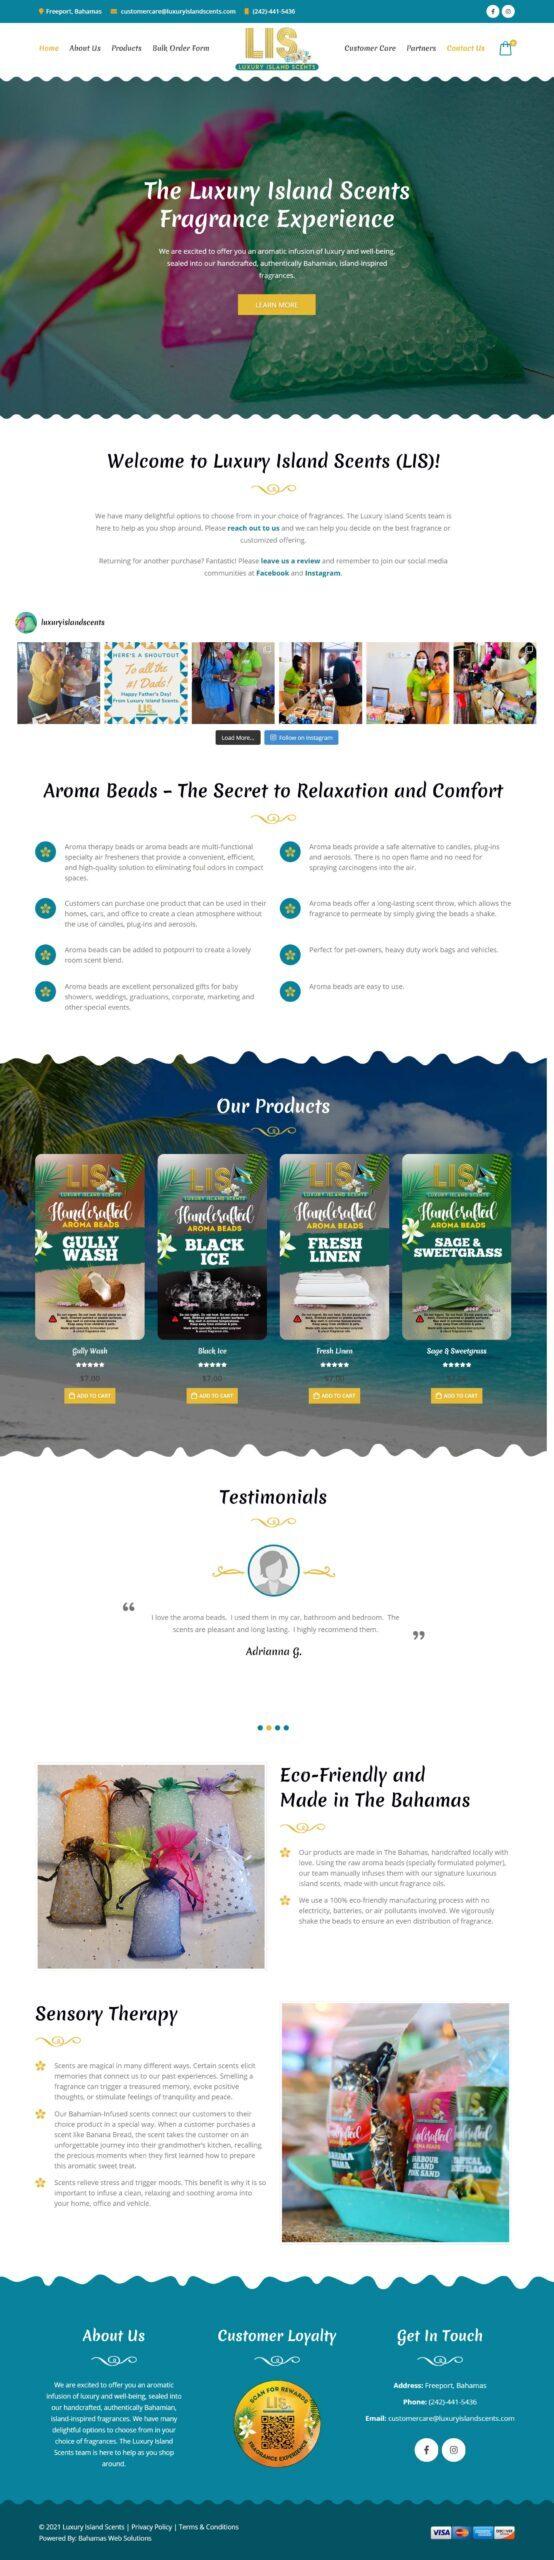 Luxury Island Scents